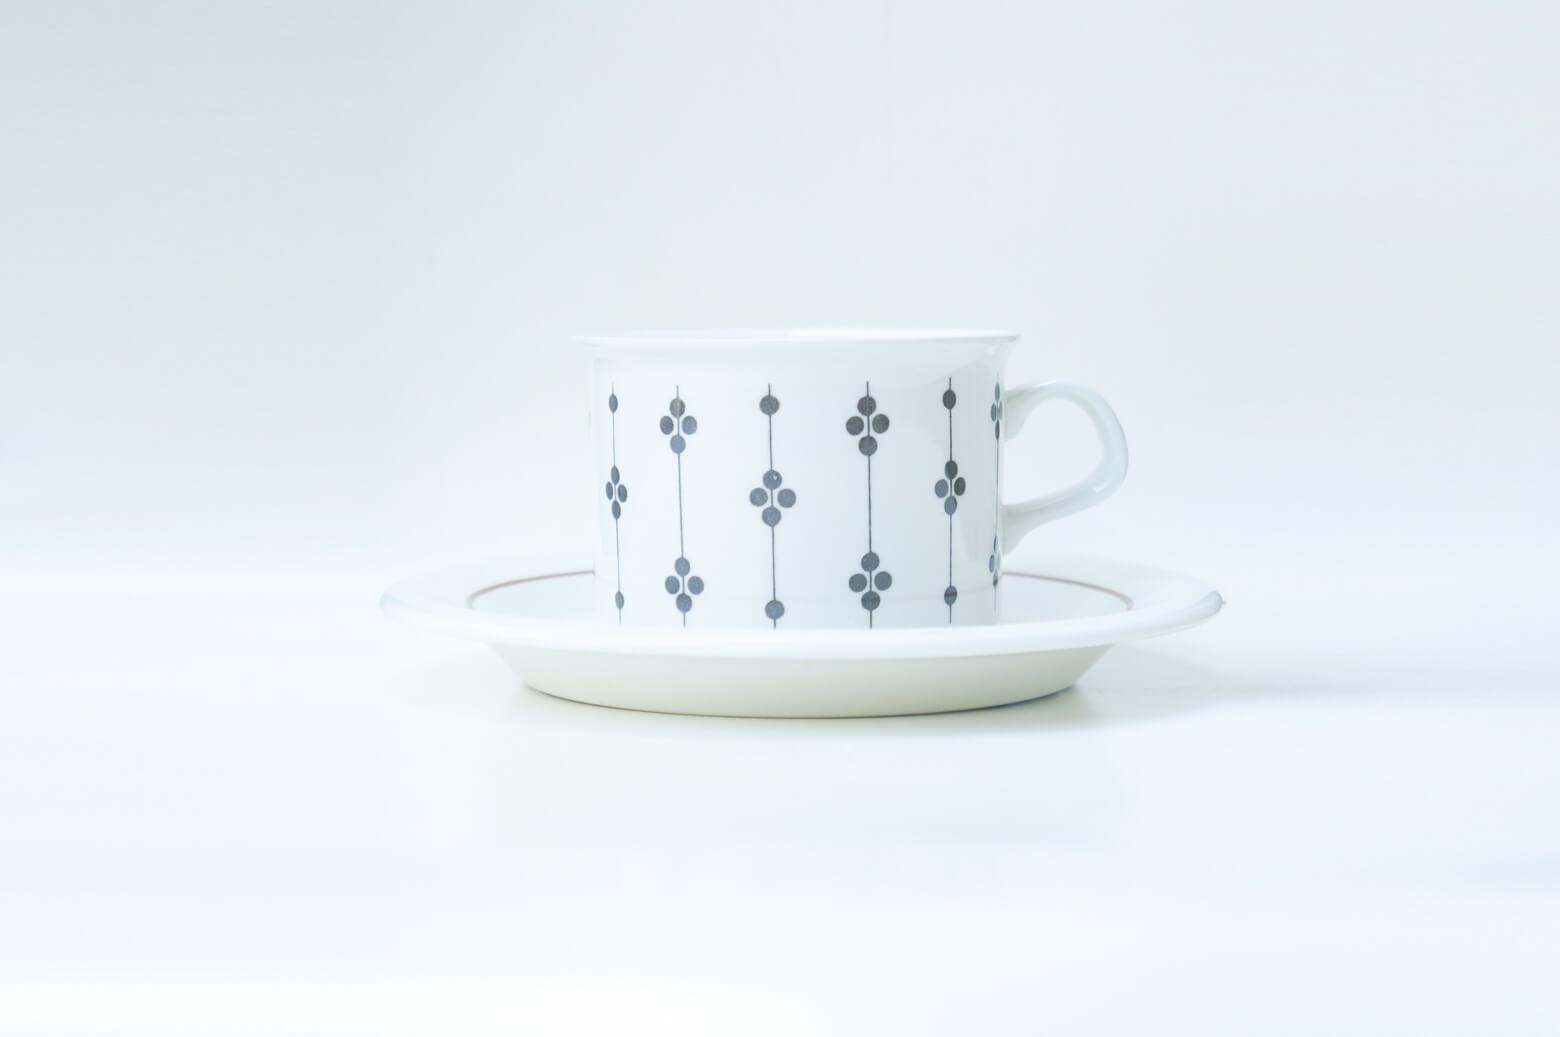 """1947年から1984年までARABIAのデザイナーとして活躍したエステリ・トムラが デコレートデザインを手がけた""""カルタノ""""シリーズのティーカップ&ソーサー。 """"カルタノ""""は1973~1976年というとても短い期間しか製造されていない、 現地でもなかなか出会えないようなシリーズです。 エステリ・トムラのデザインは細かな線で描かれた植物柄や色彩豊かな絵柄が 多いのですが、""""カルタノ""""は他の彼女の作品たちとはちょっと雰囲気が異なります。 カップはブラックのラインとドットのみ、ソーサーもブラウンのラインのみという とにかくシンプルなデザイン。 """"カルタノ""""とはフィンランド語で貴族の荘園・領地という意味を持ちますが、 このシンプルなデザインはエステリ・トムラのどのような想いが込められているのでしょうか。 落ち着いた雰囲気でありながら、上品で可愛らしく、シンプルなデザインは どんなシチュエーションでも自然と溶け込んでくれると思います。 リラックスしたいティータイムにこんなカップはいかがでしょうか♪ ~【東京都杉並区阿佐ヶ谷北アンティークショップ 古一/ZACK高円寺店】 古一/ふるいちでは出張無料買取も行っております。杉並区周辺はもちろん、世田谷区・目黒区・武蔵野市・新宿区等の東京近郊のお見積もりも!ビンテージ家具・インテリア雑貨・ランプ・USED品・ リサイクルなら古一/フルイチへ~"""